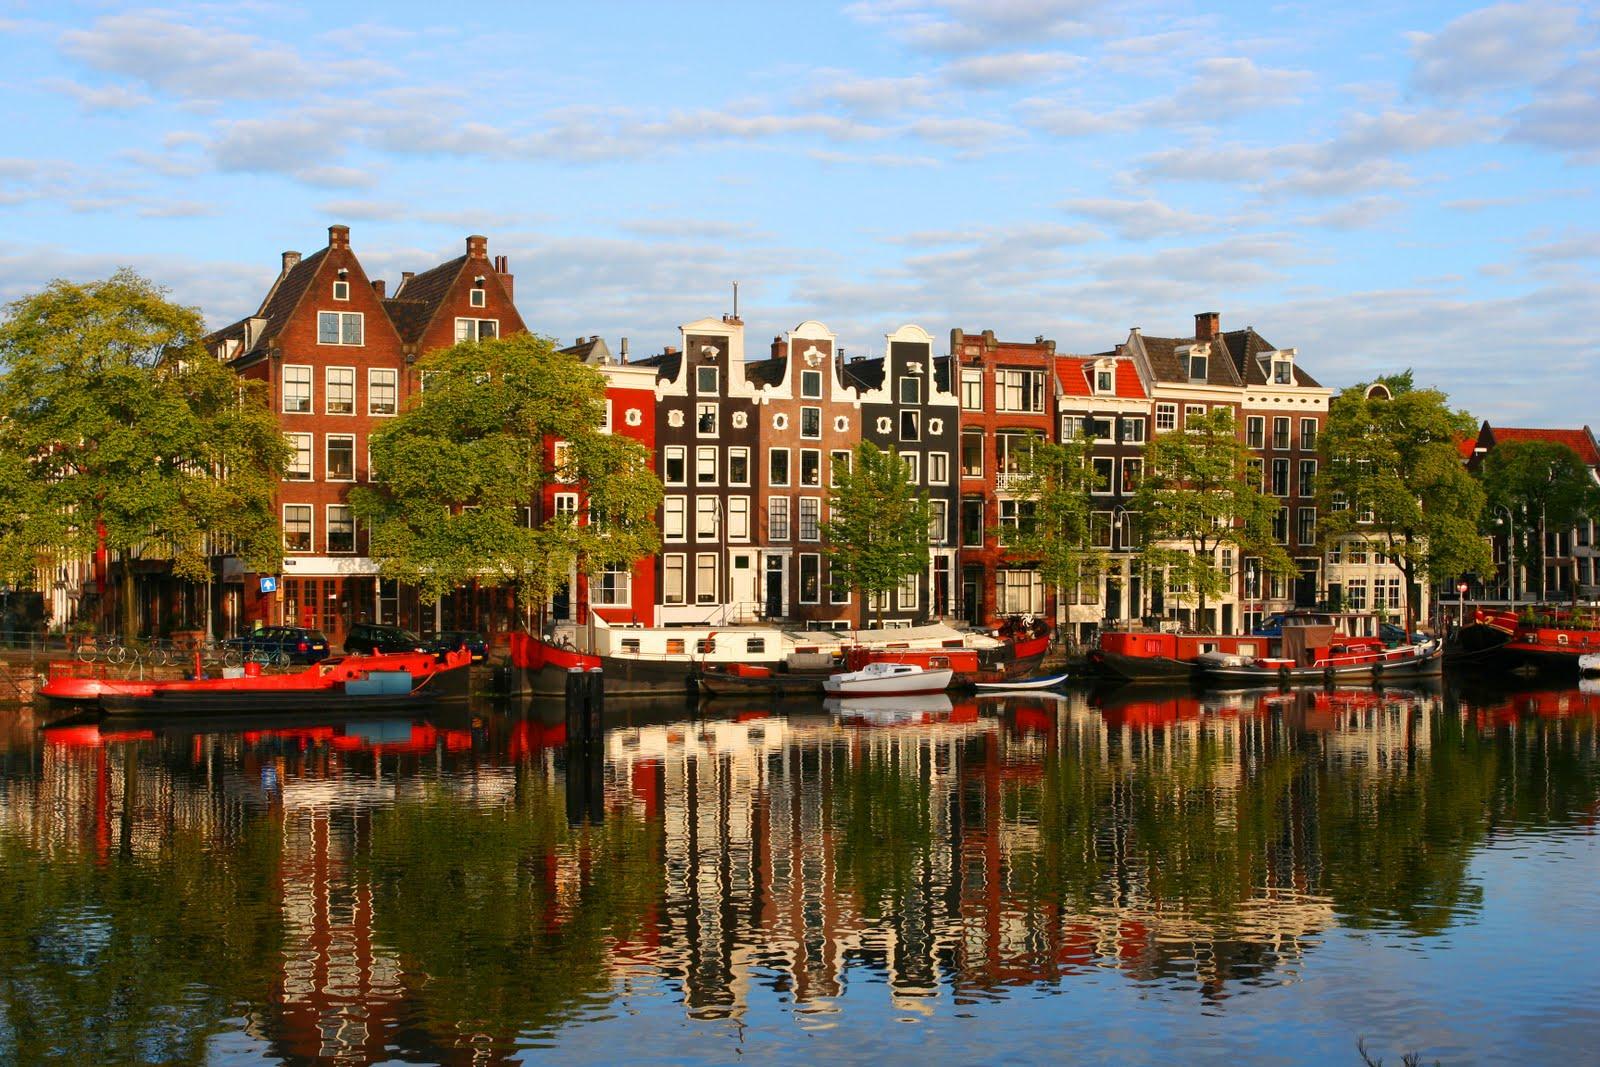 consigli su ostelli economici ad amsterdamForOstelli Economici Ad Amsterdam